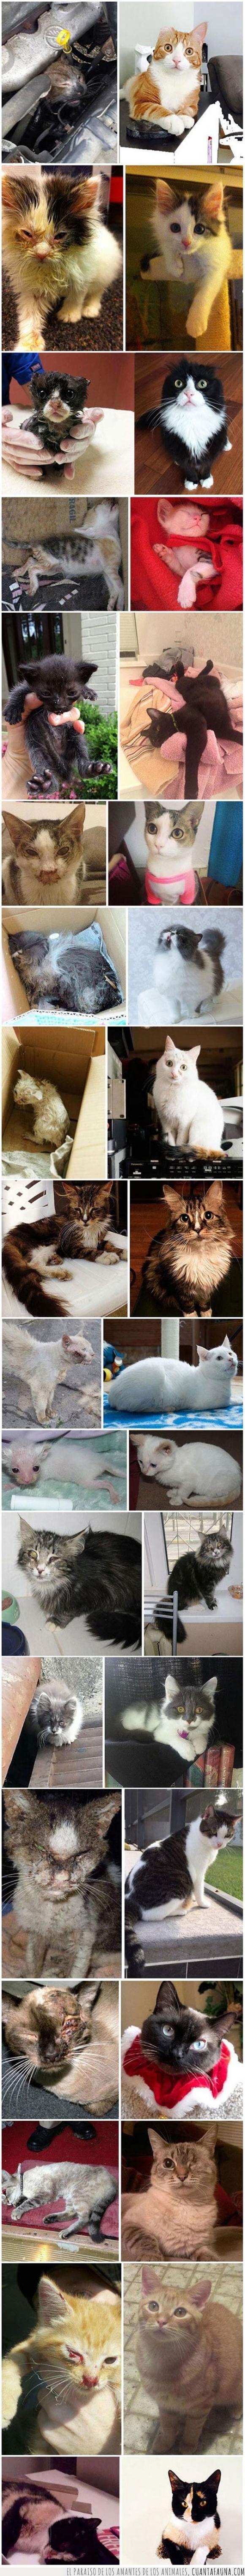 adopción,adoptar,gato,oreja,rescatar,salvar